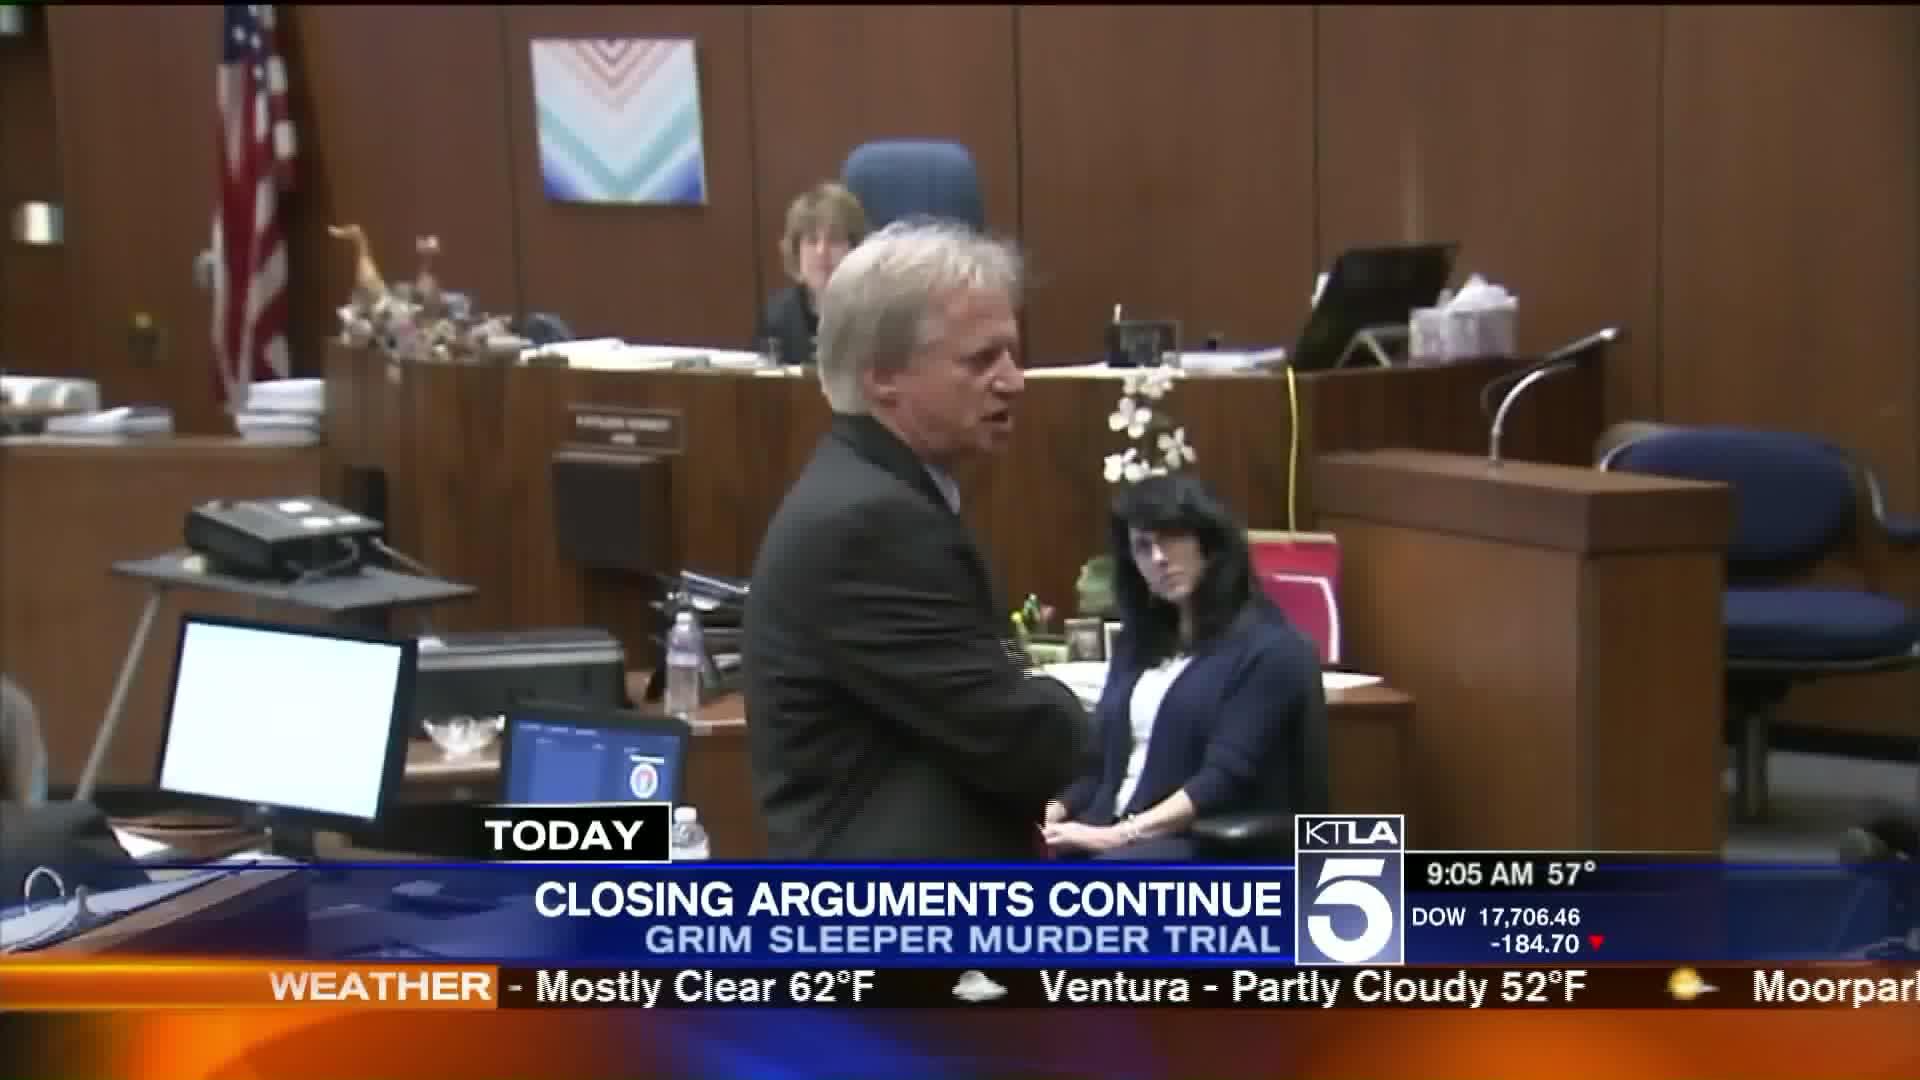 Closing Arguments Detail Brutal Killings In 'Grim Sleeper' Murder Trial